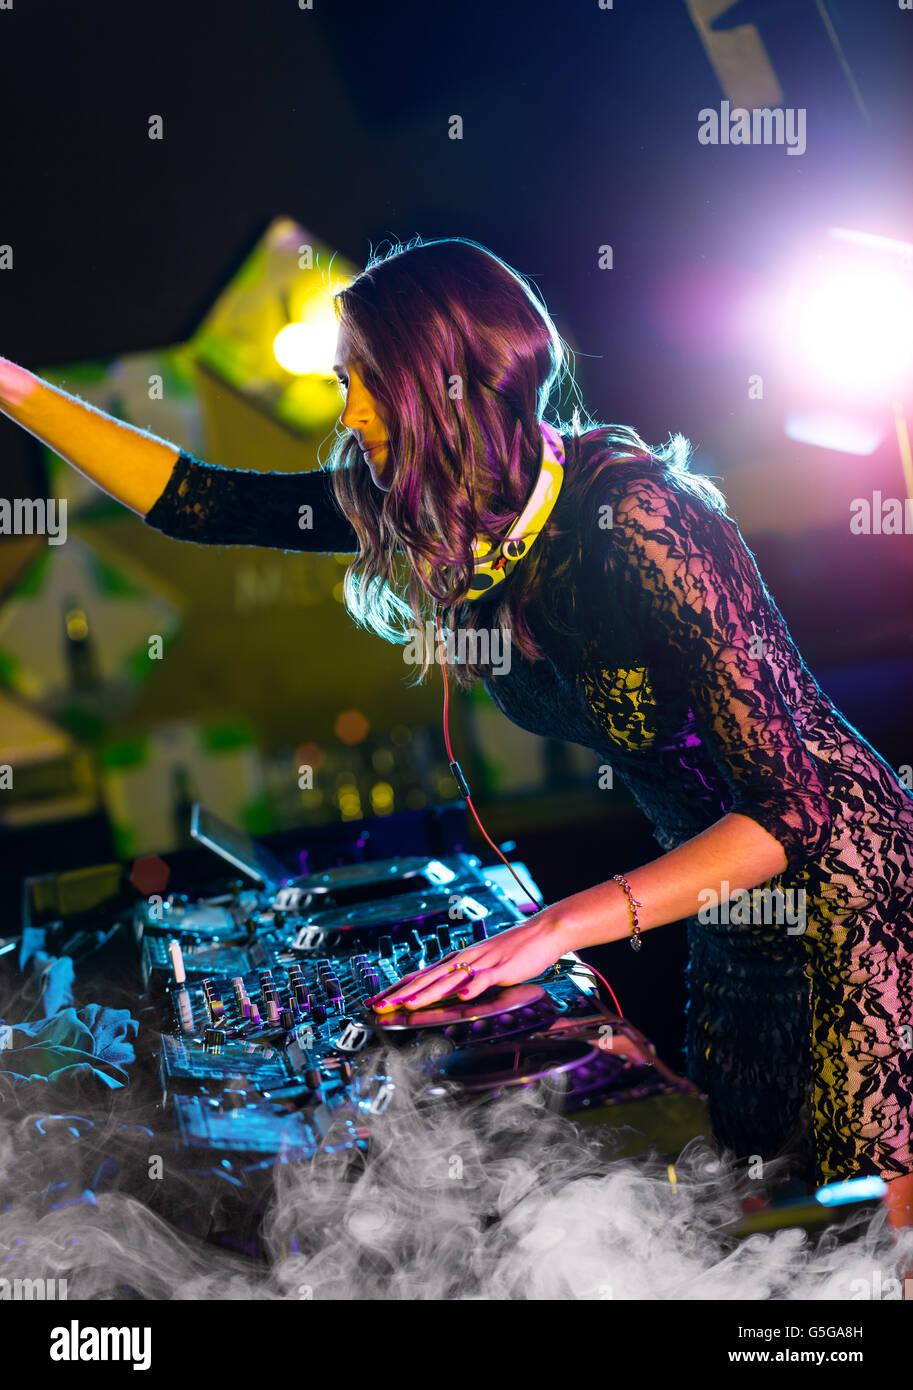 Disc Jockey fille brune mélangeant musique électronique en club Photo Stock